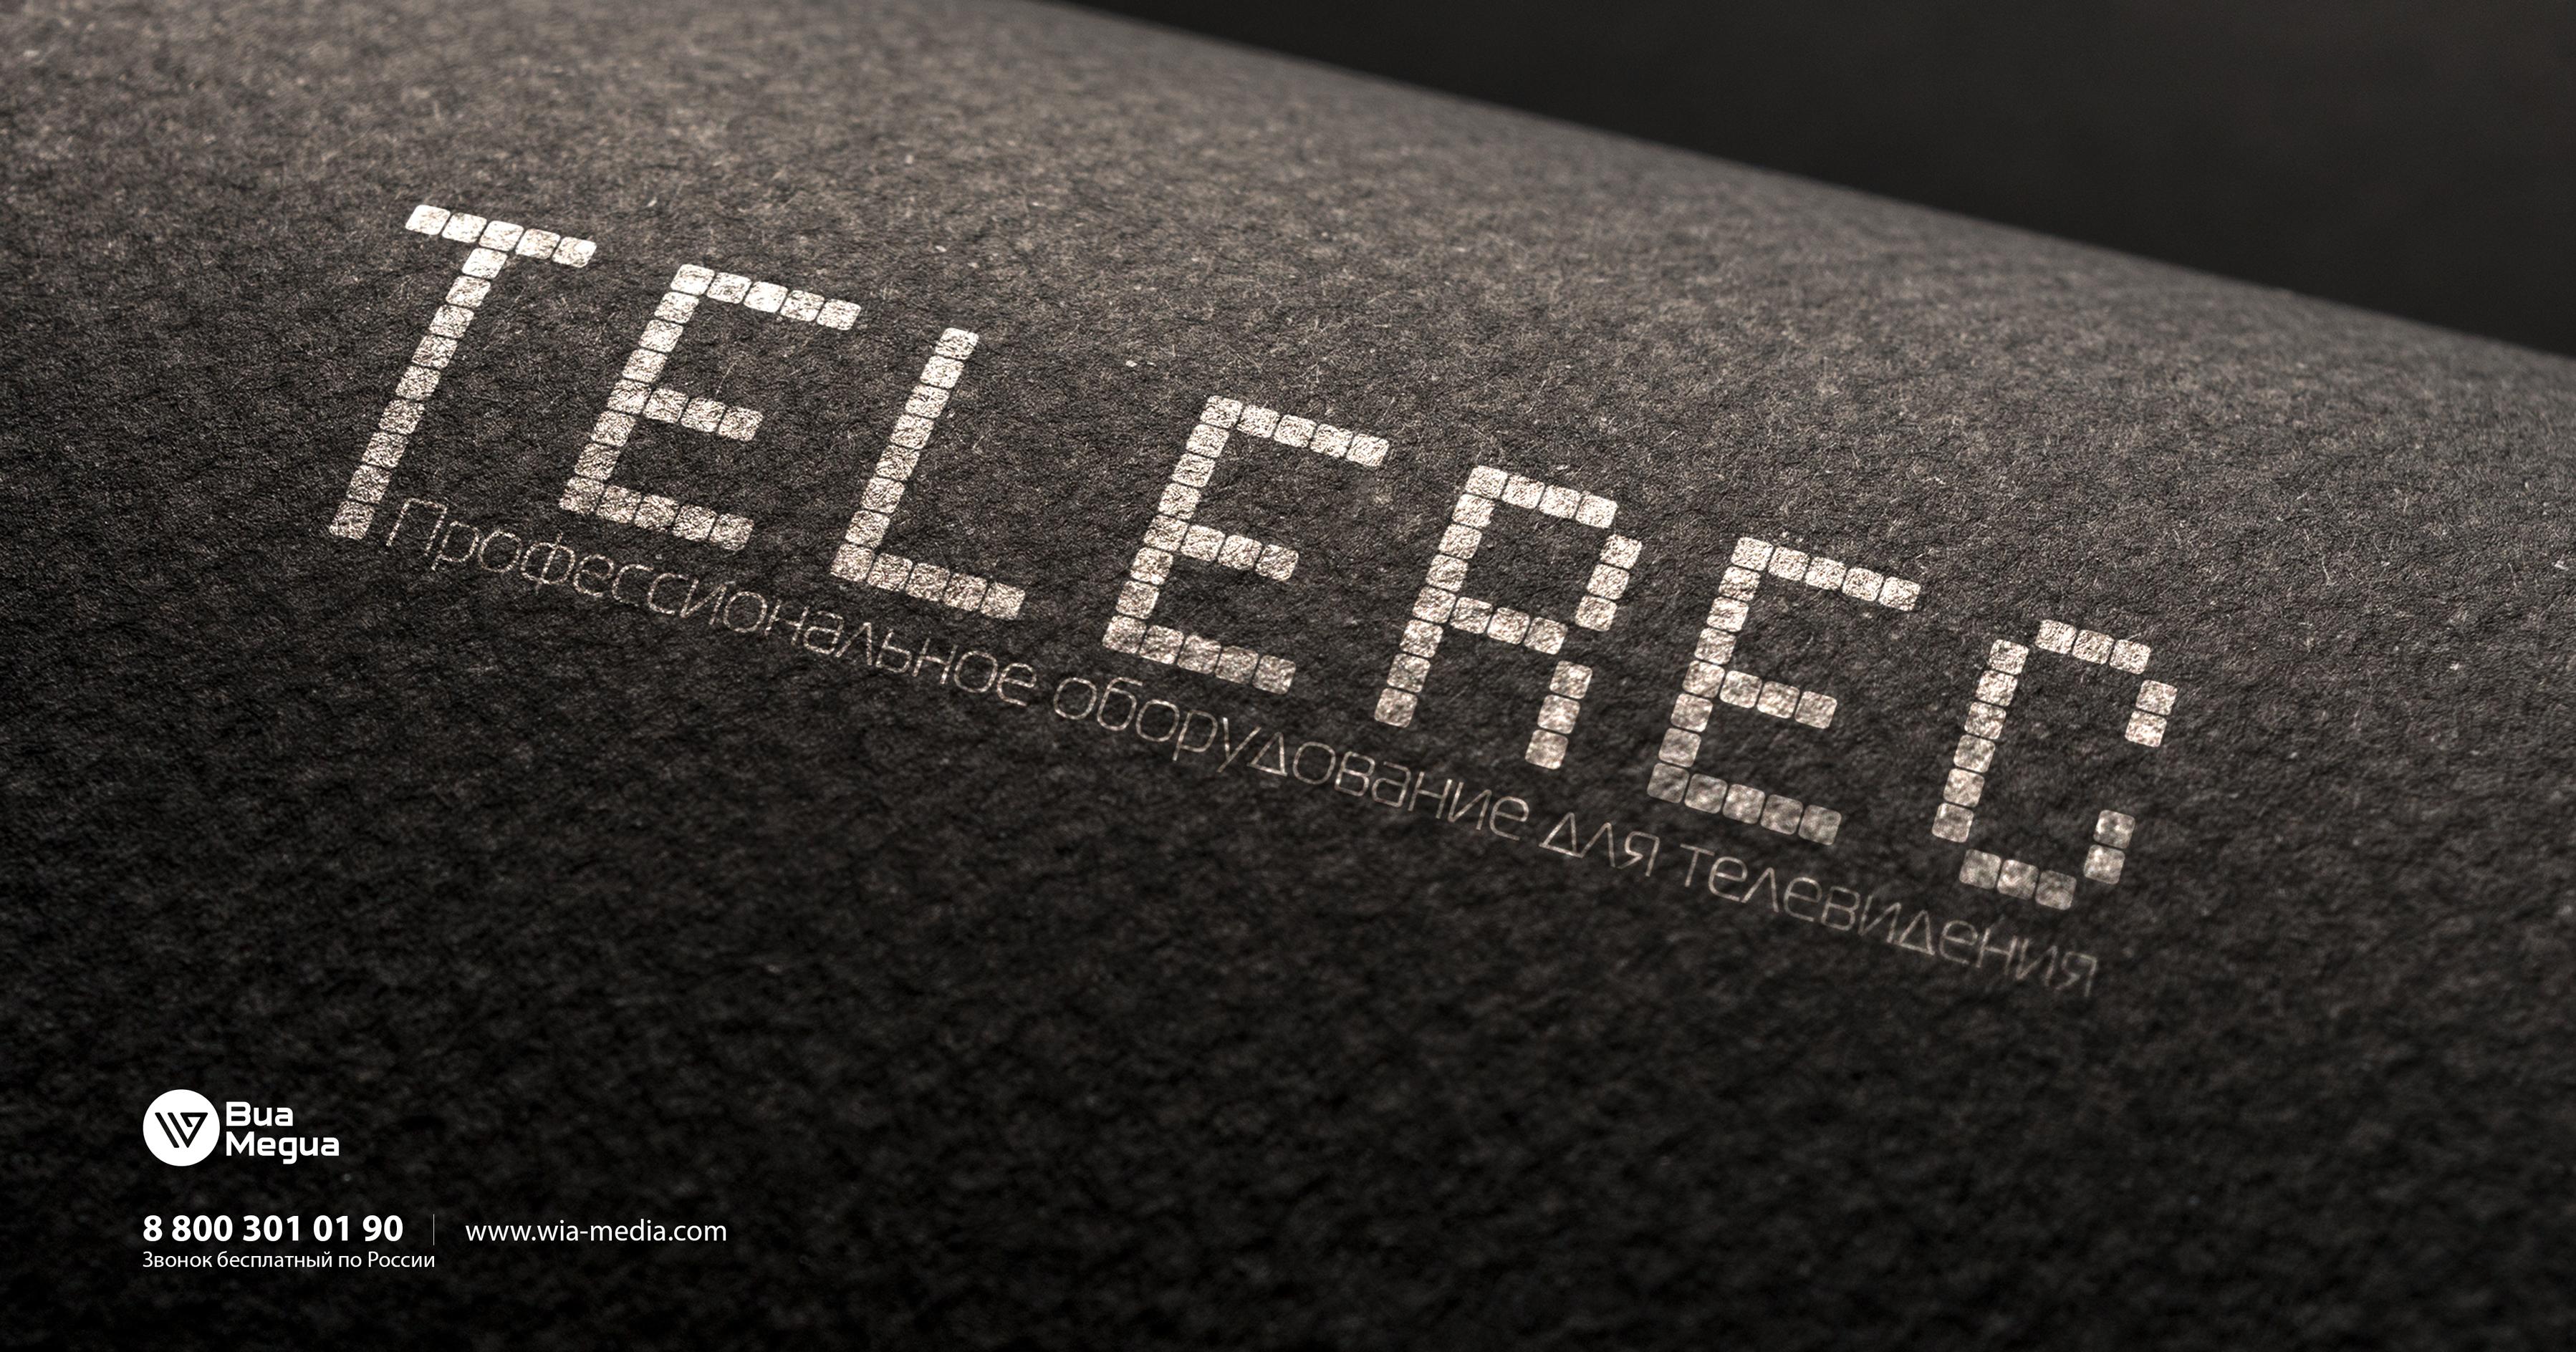 Разработка логотипа для интернет-магазина телевизионного оборудования.